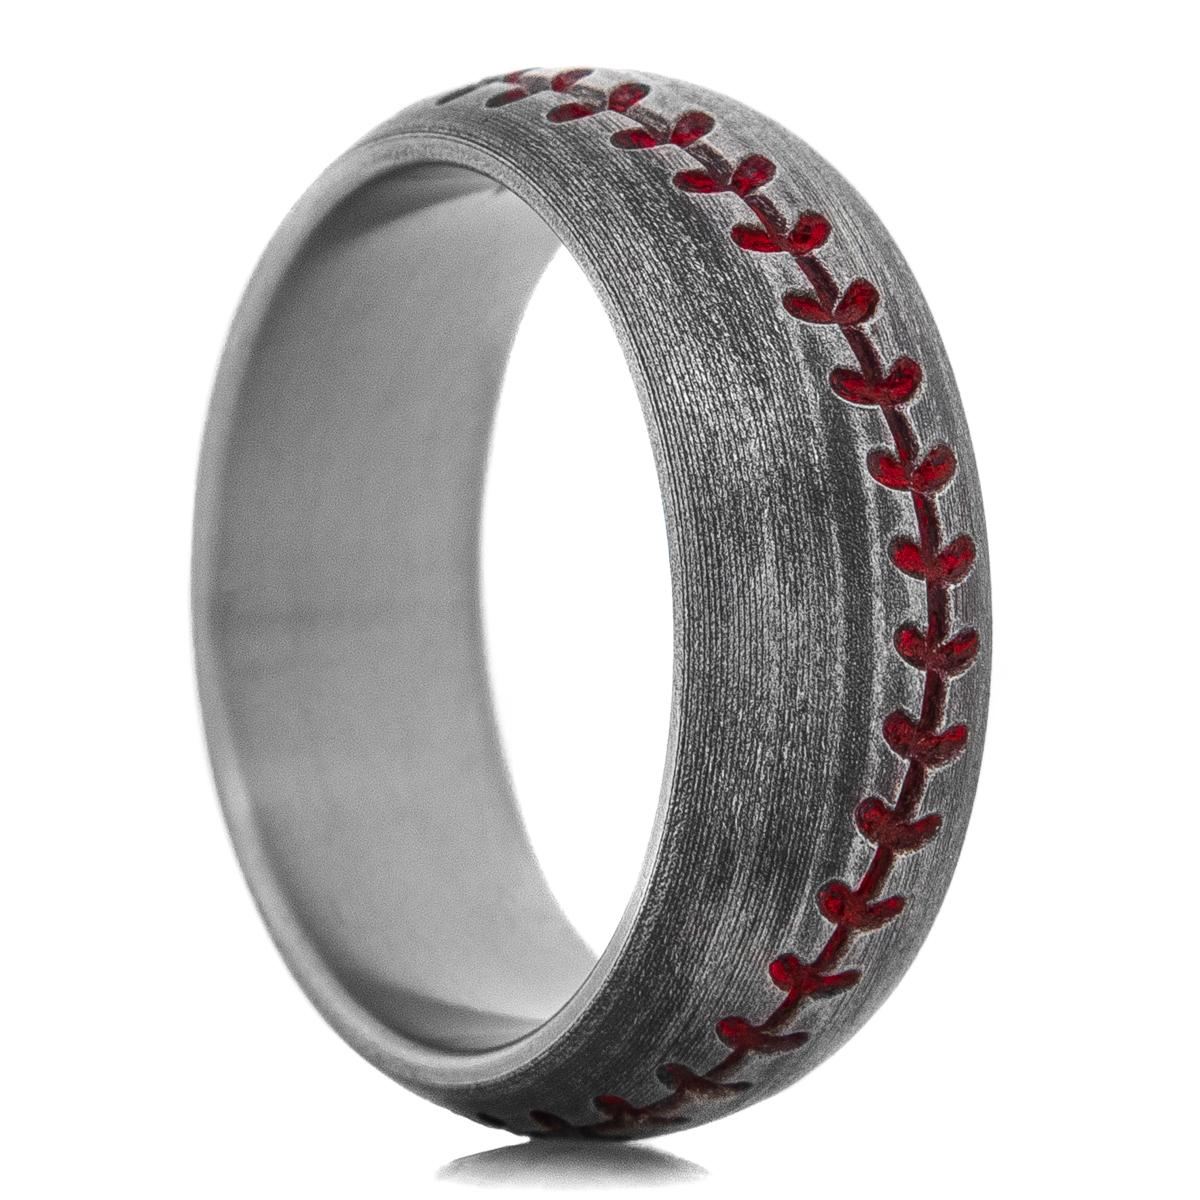 The Titanium Joe DiMaggio Ring